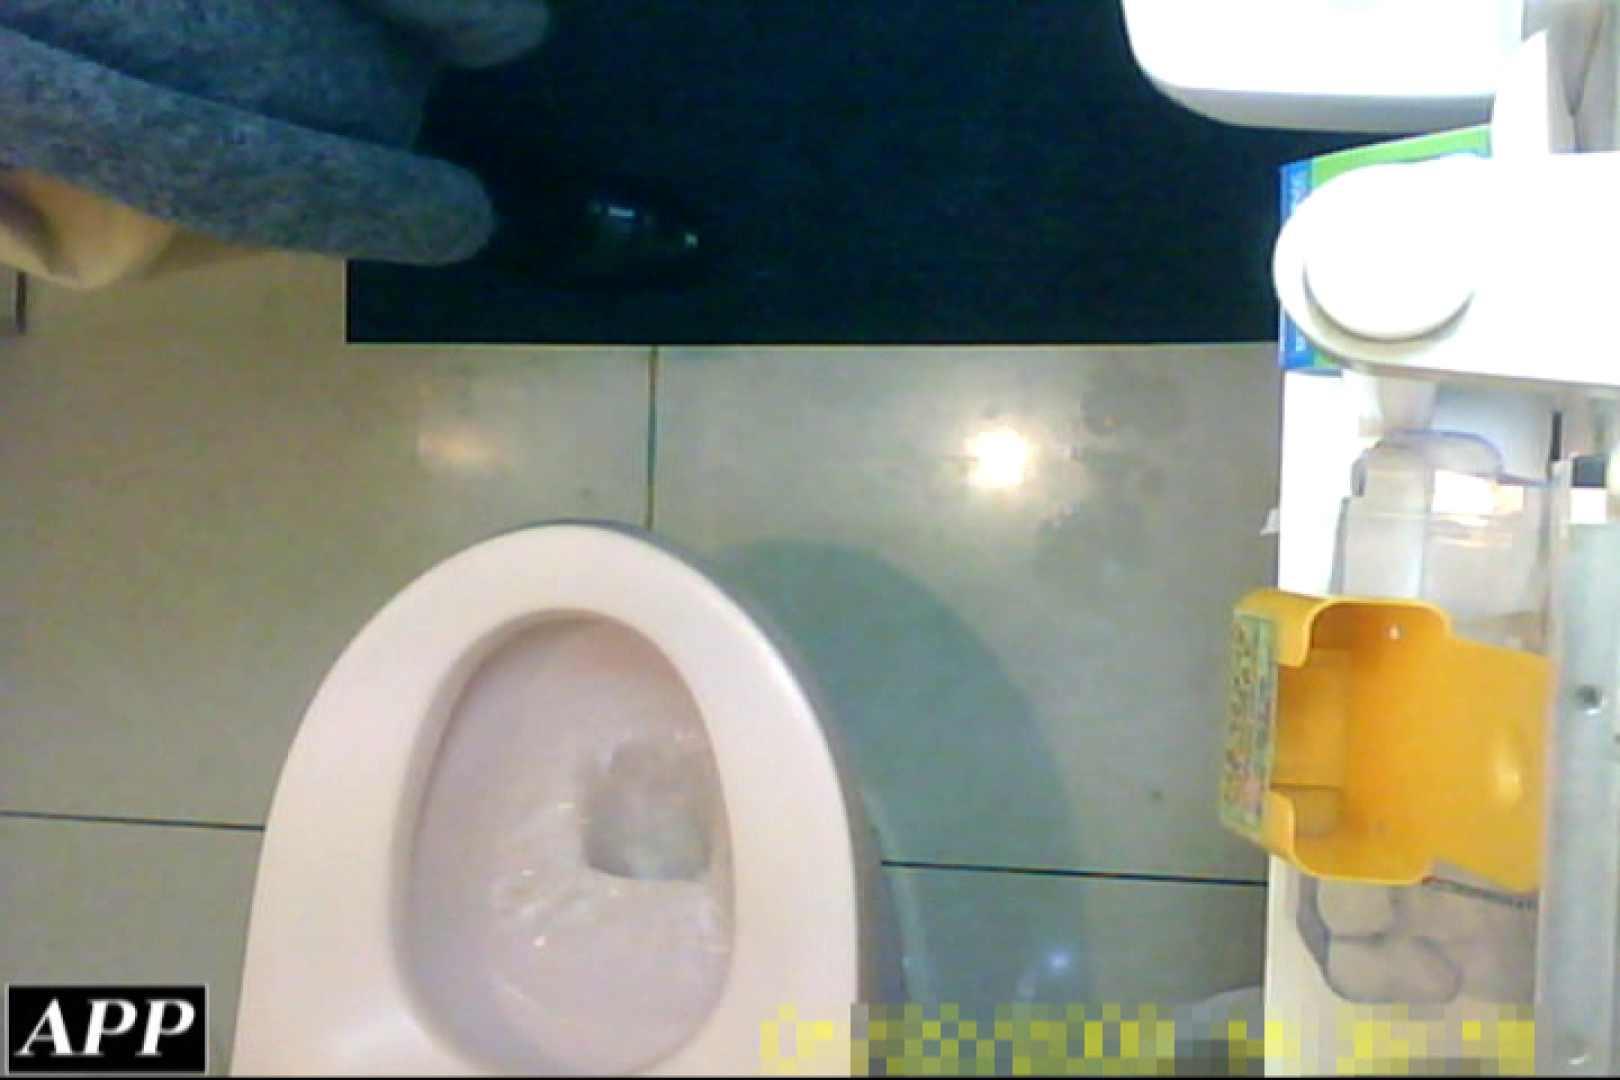 3視点洗面所 vol.55 OLのボディ すけべAV動画紹介 86PIX 20